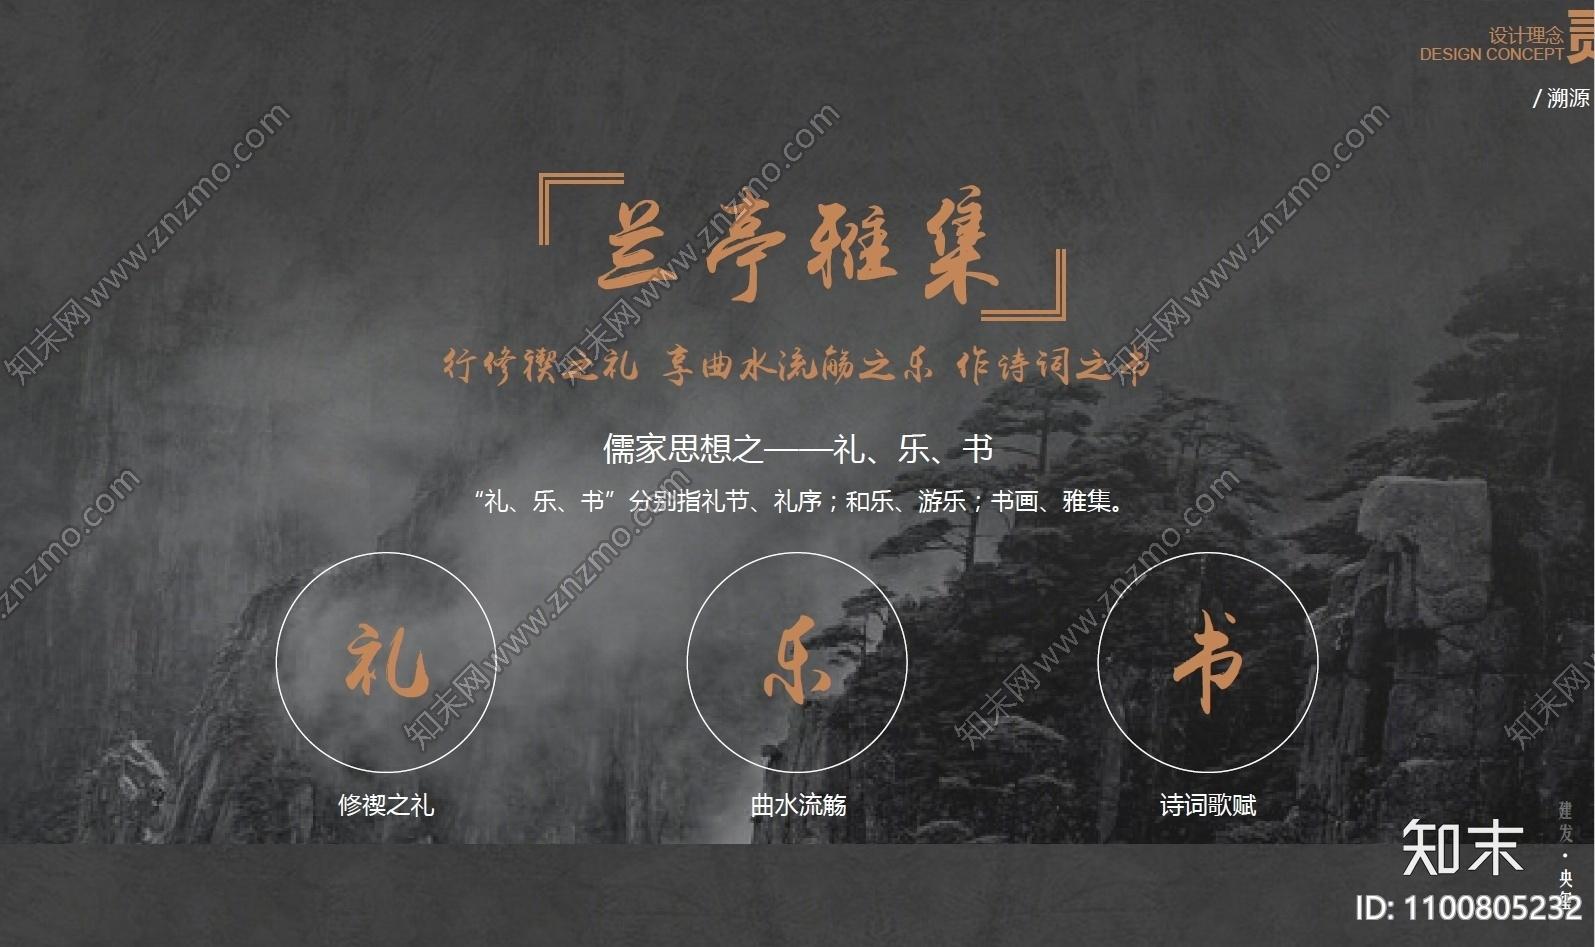 建发央玺景观深化文本方案文本下载【ID:1100805232】